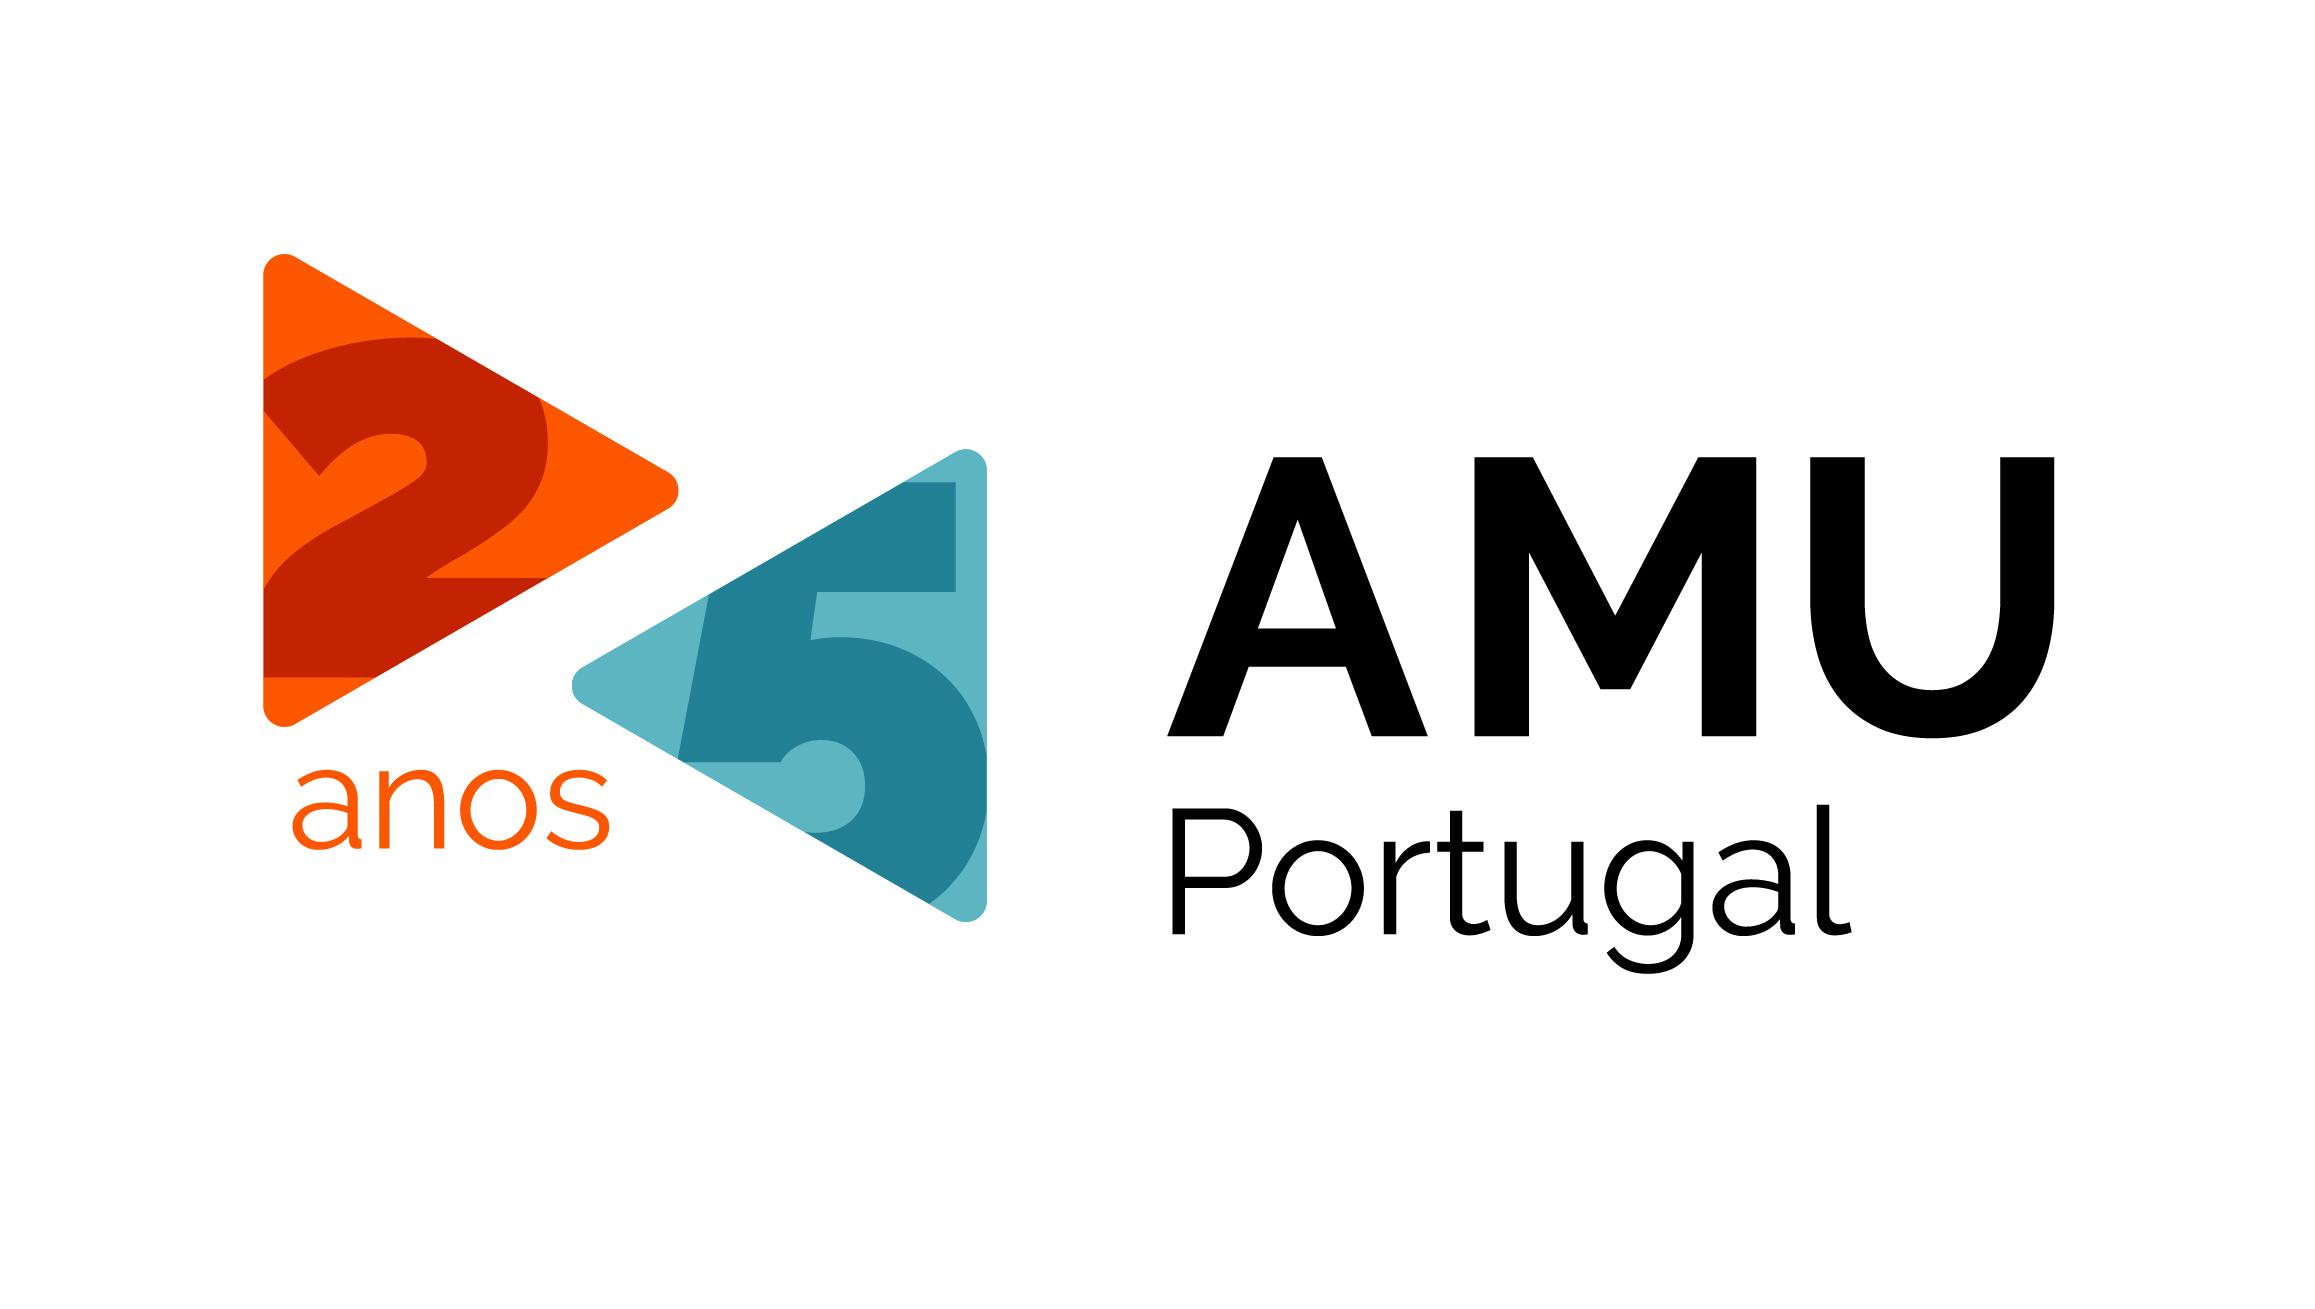 AMU Portugal